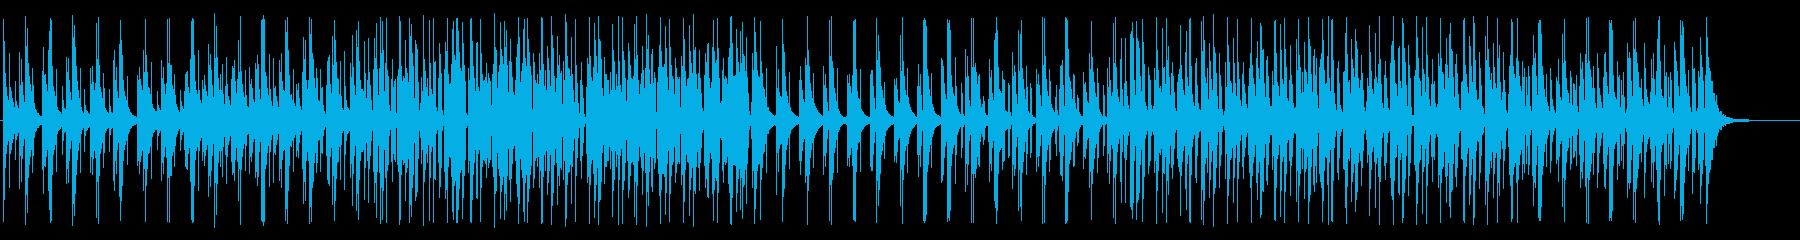 ゆったりまったりウクレレ癒しポップの再生済みの波形